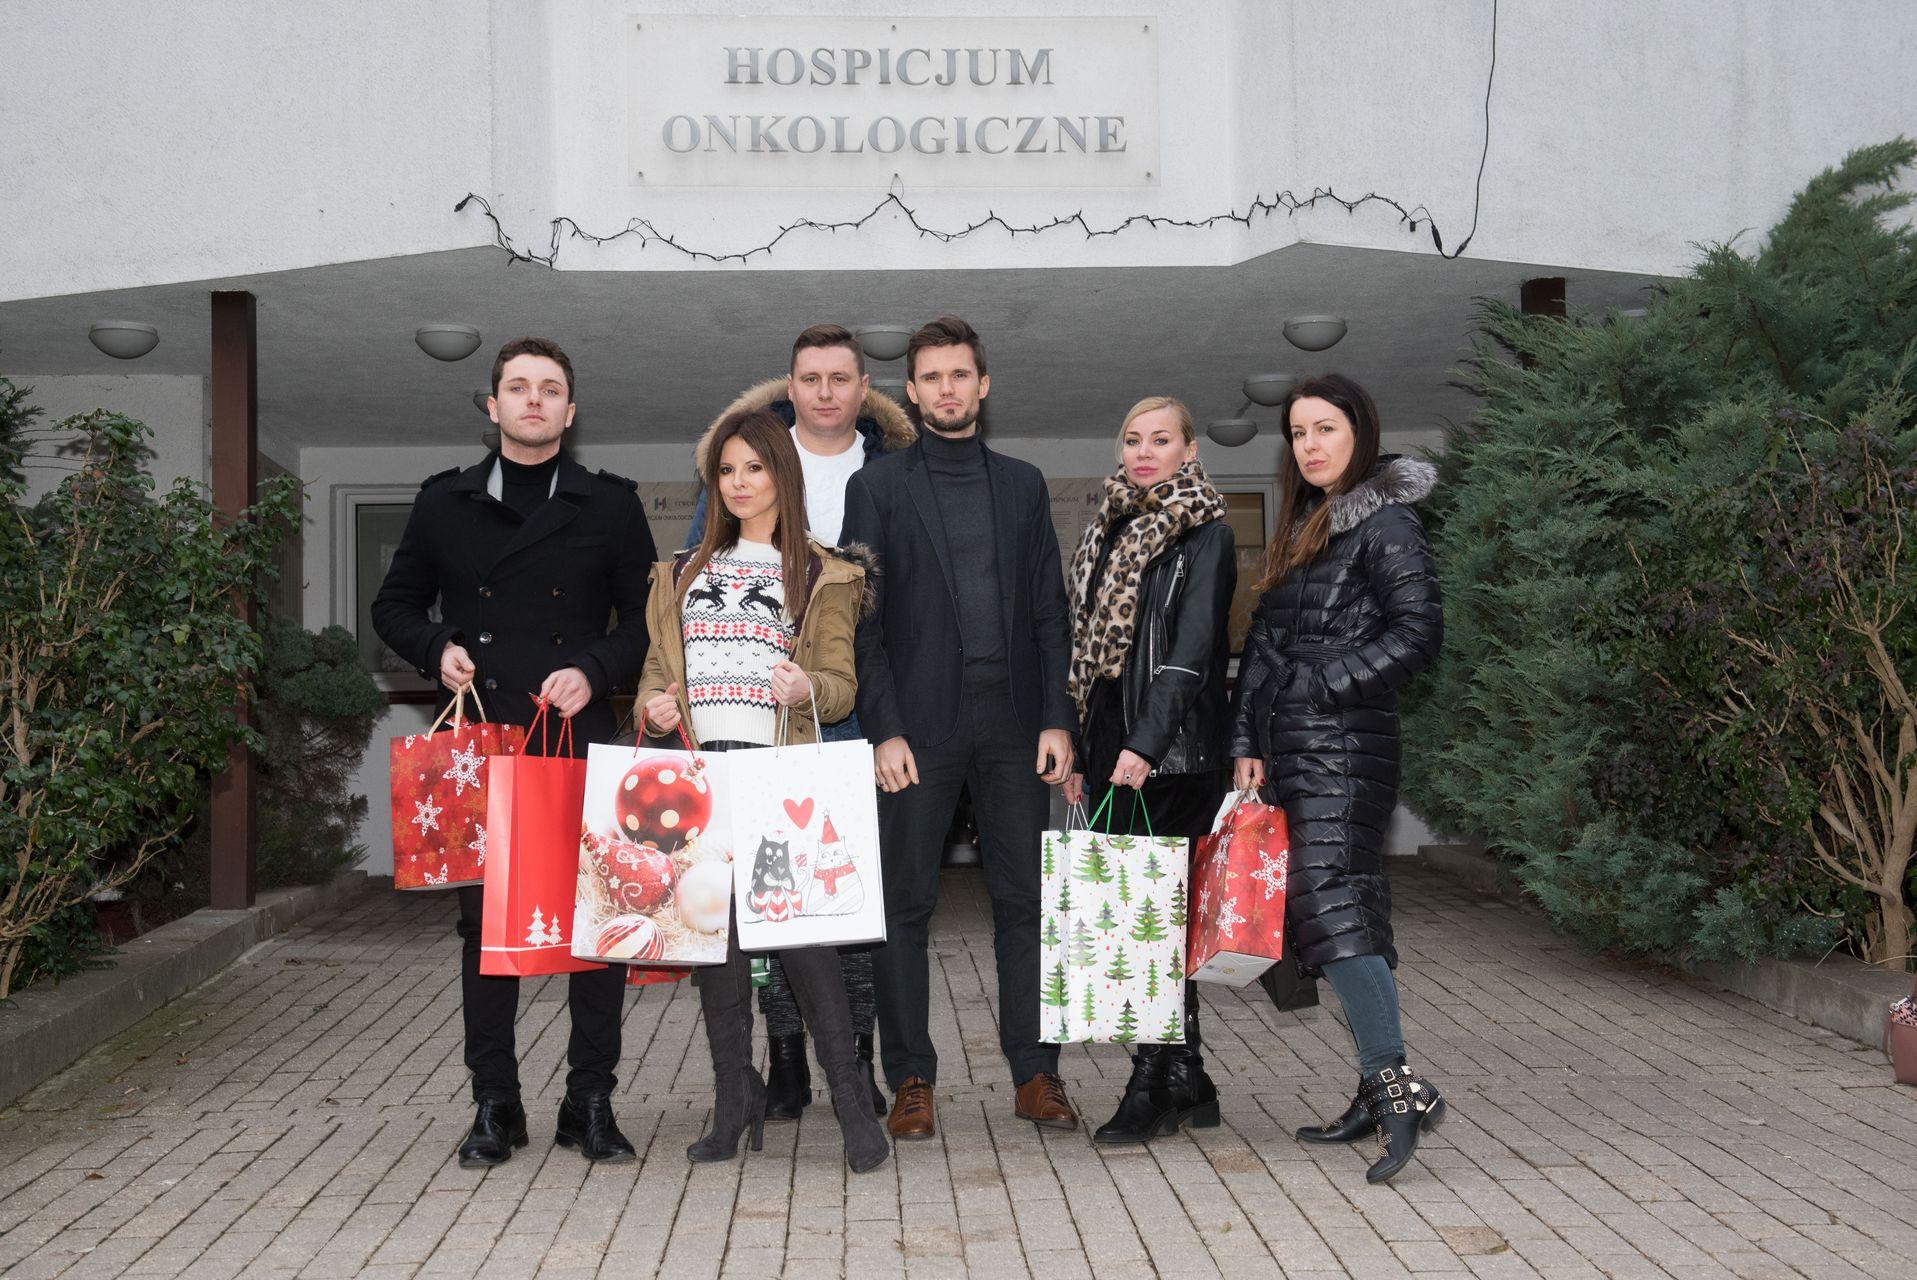 Gwiazdy przywiozły dary do Hospicjum - my też możemy pomóc